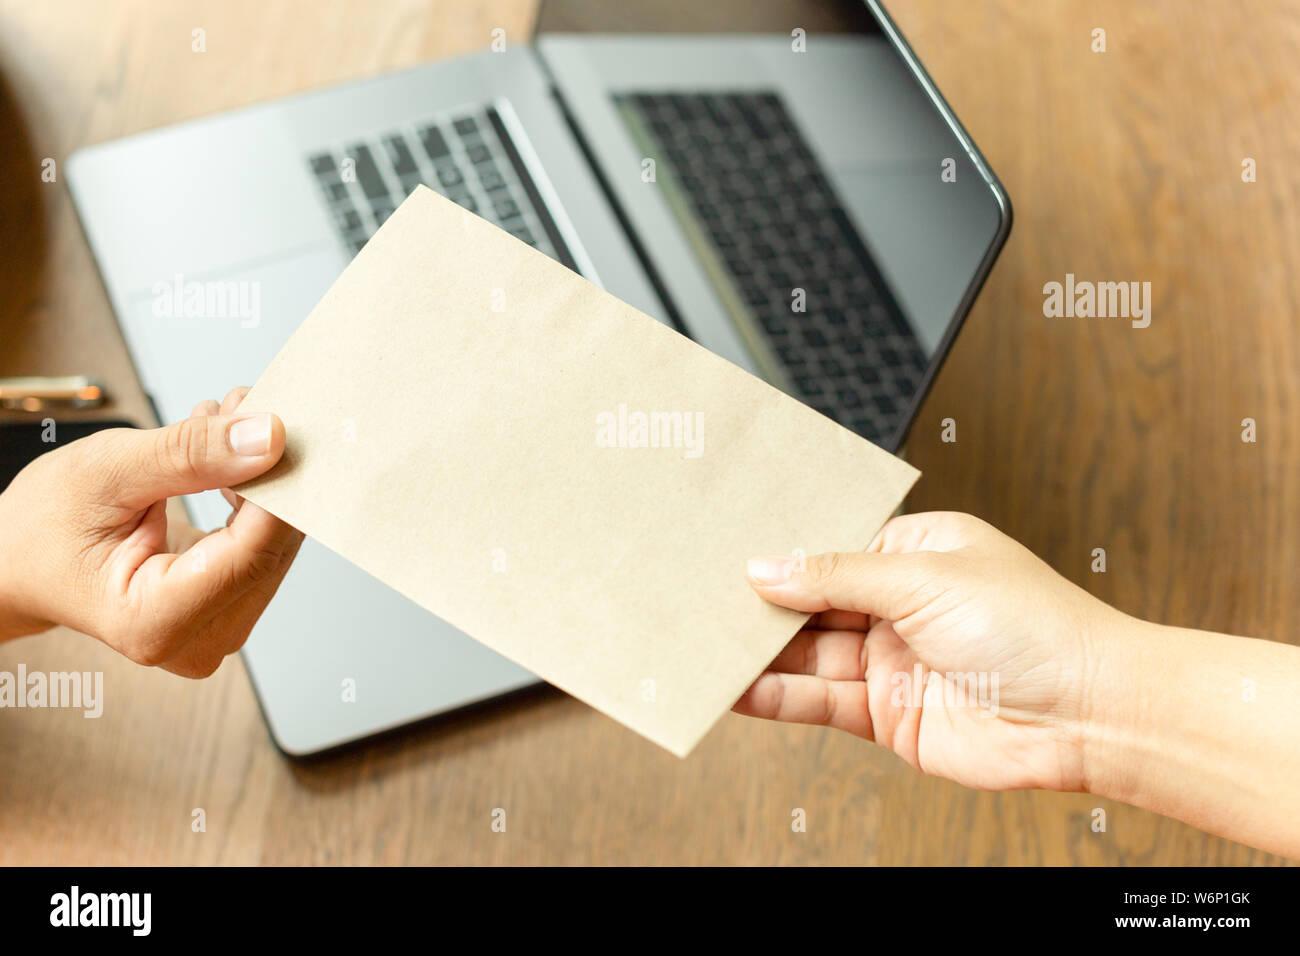 El empresario tomar dinero de sobornos en el sobre marrón de socio. Foto de stock